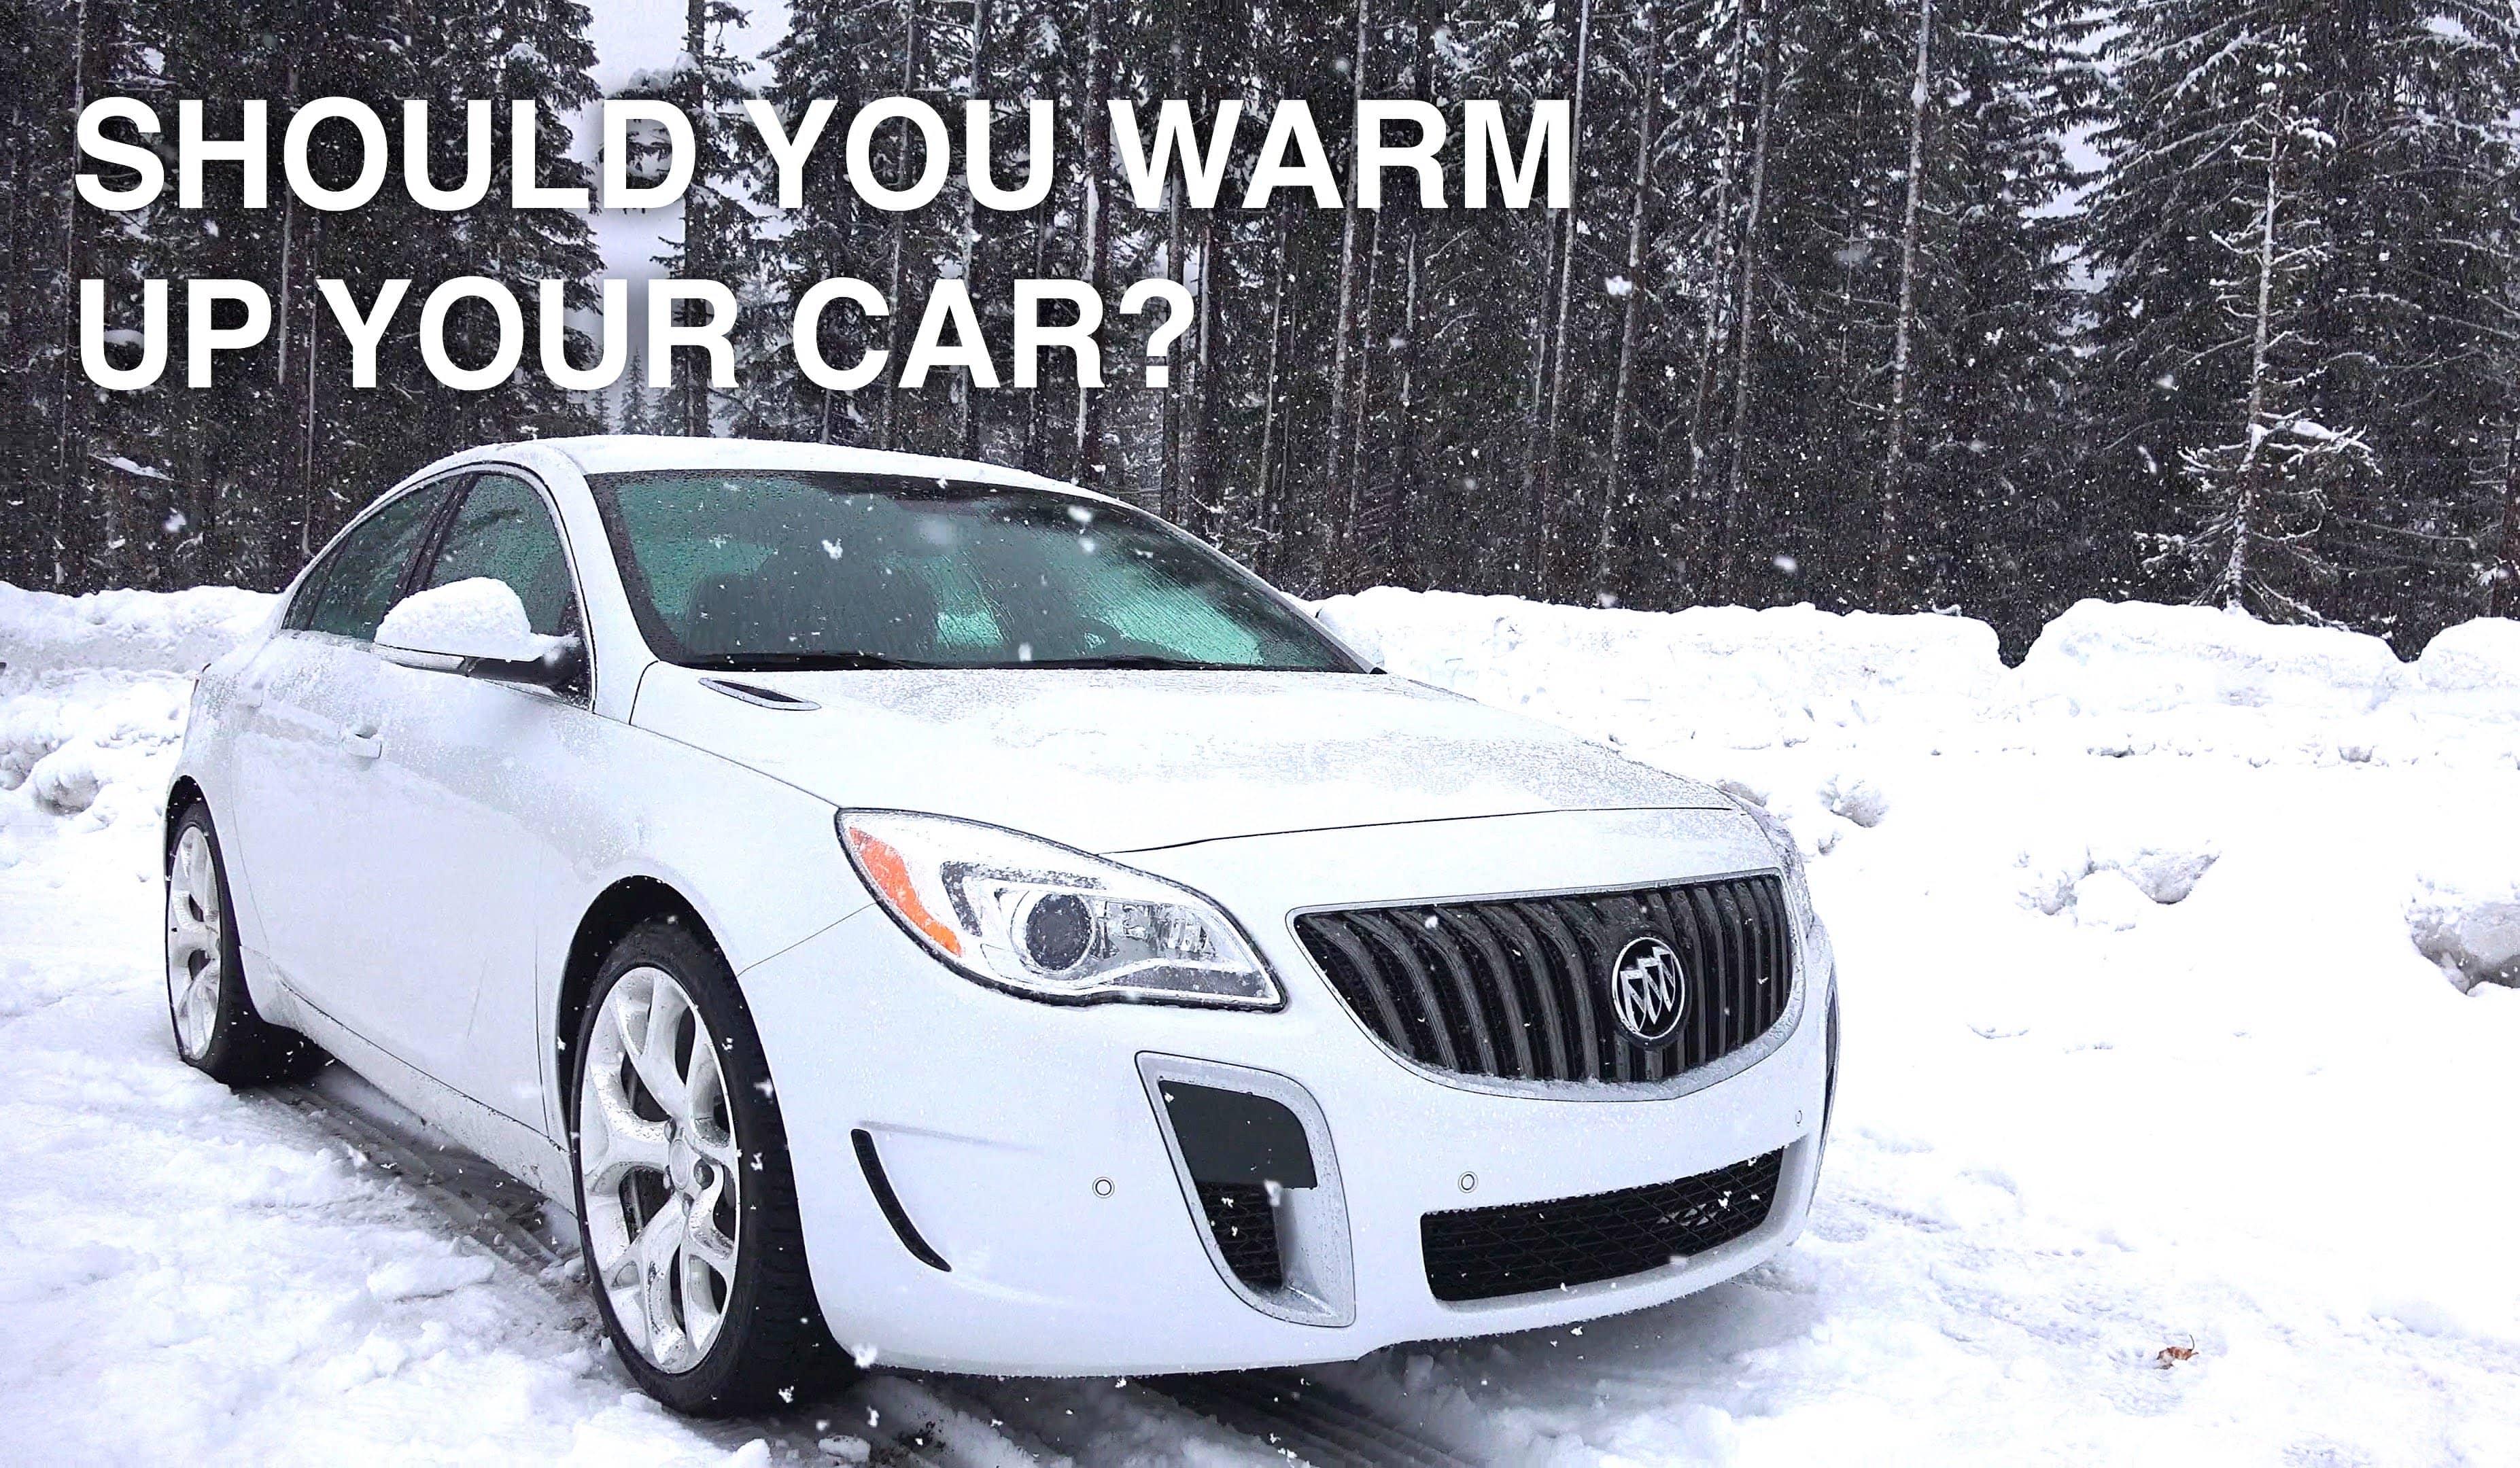 Warm up car